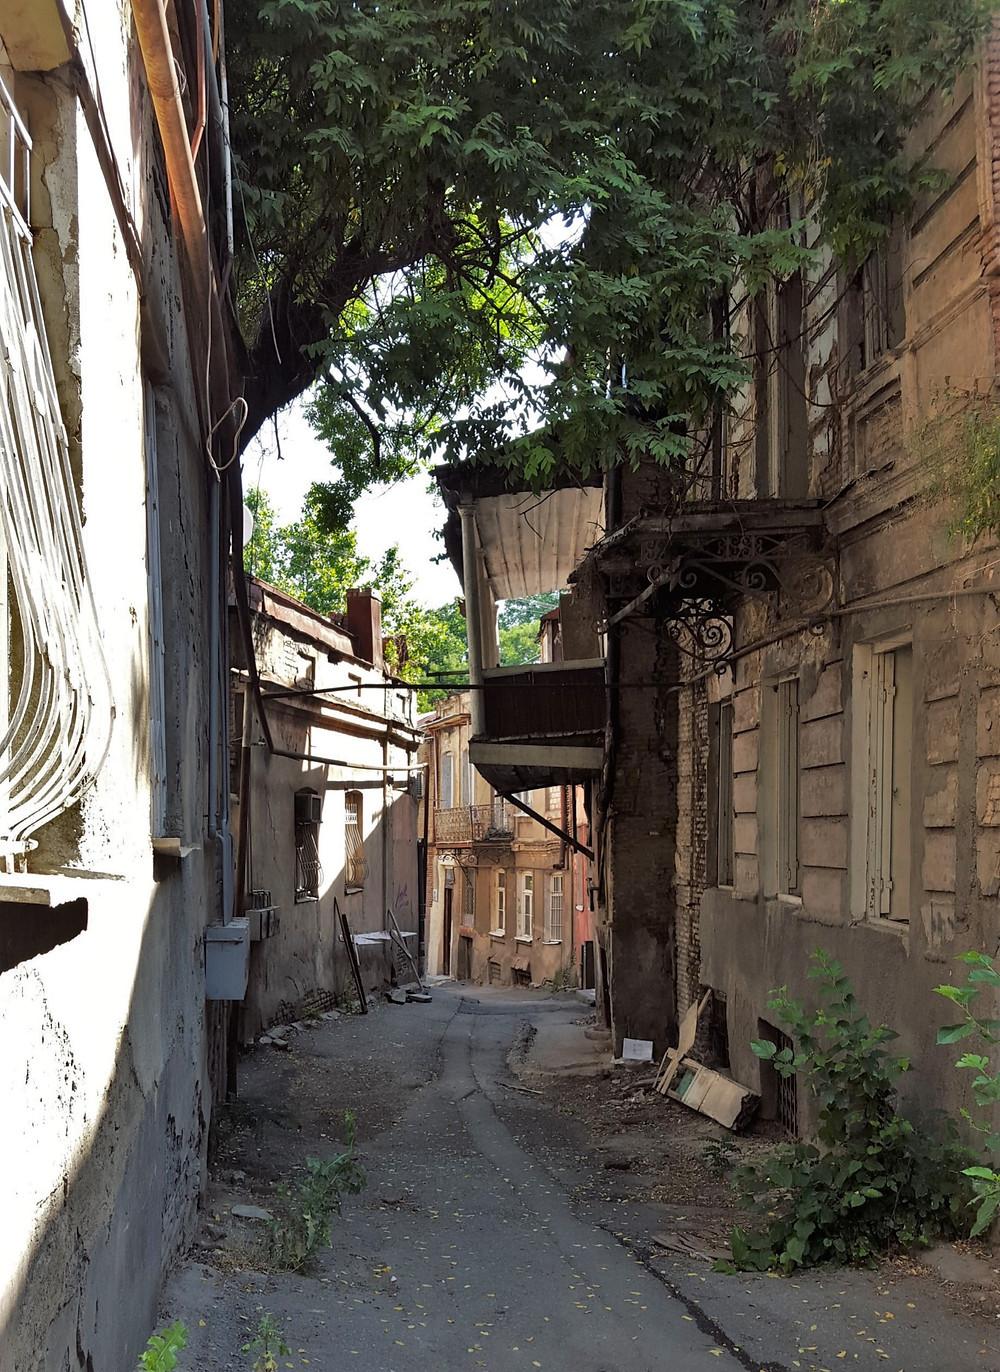 Tbilisi street, Georgia country